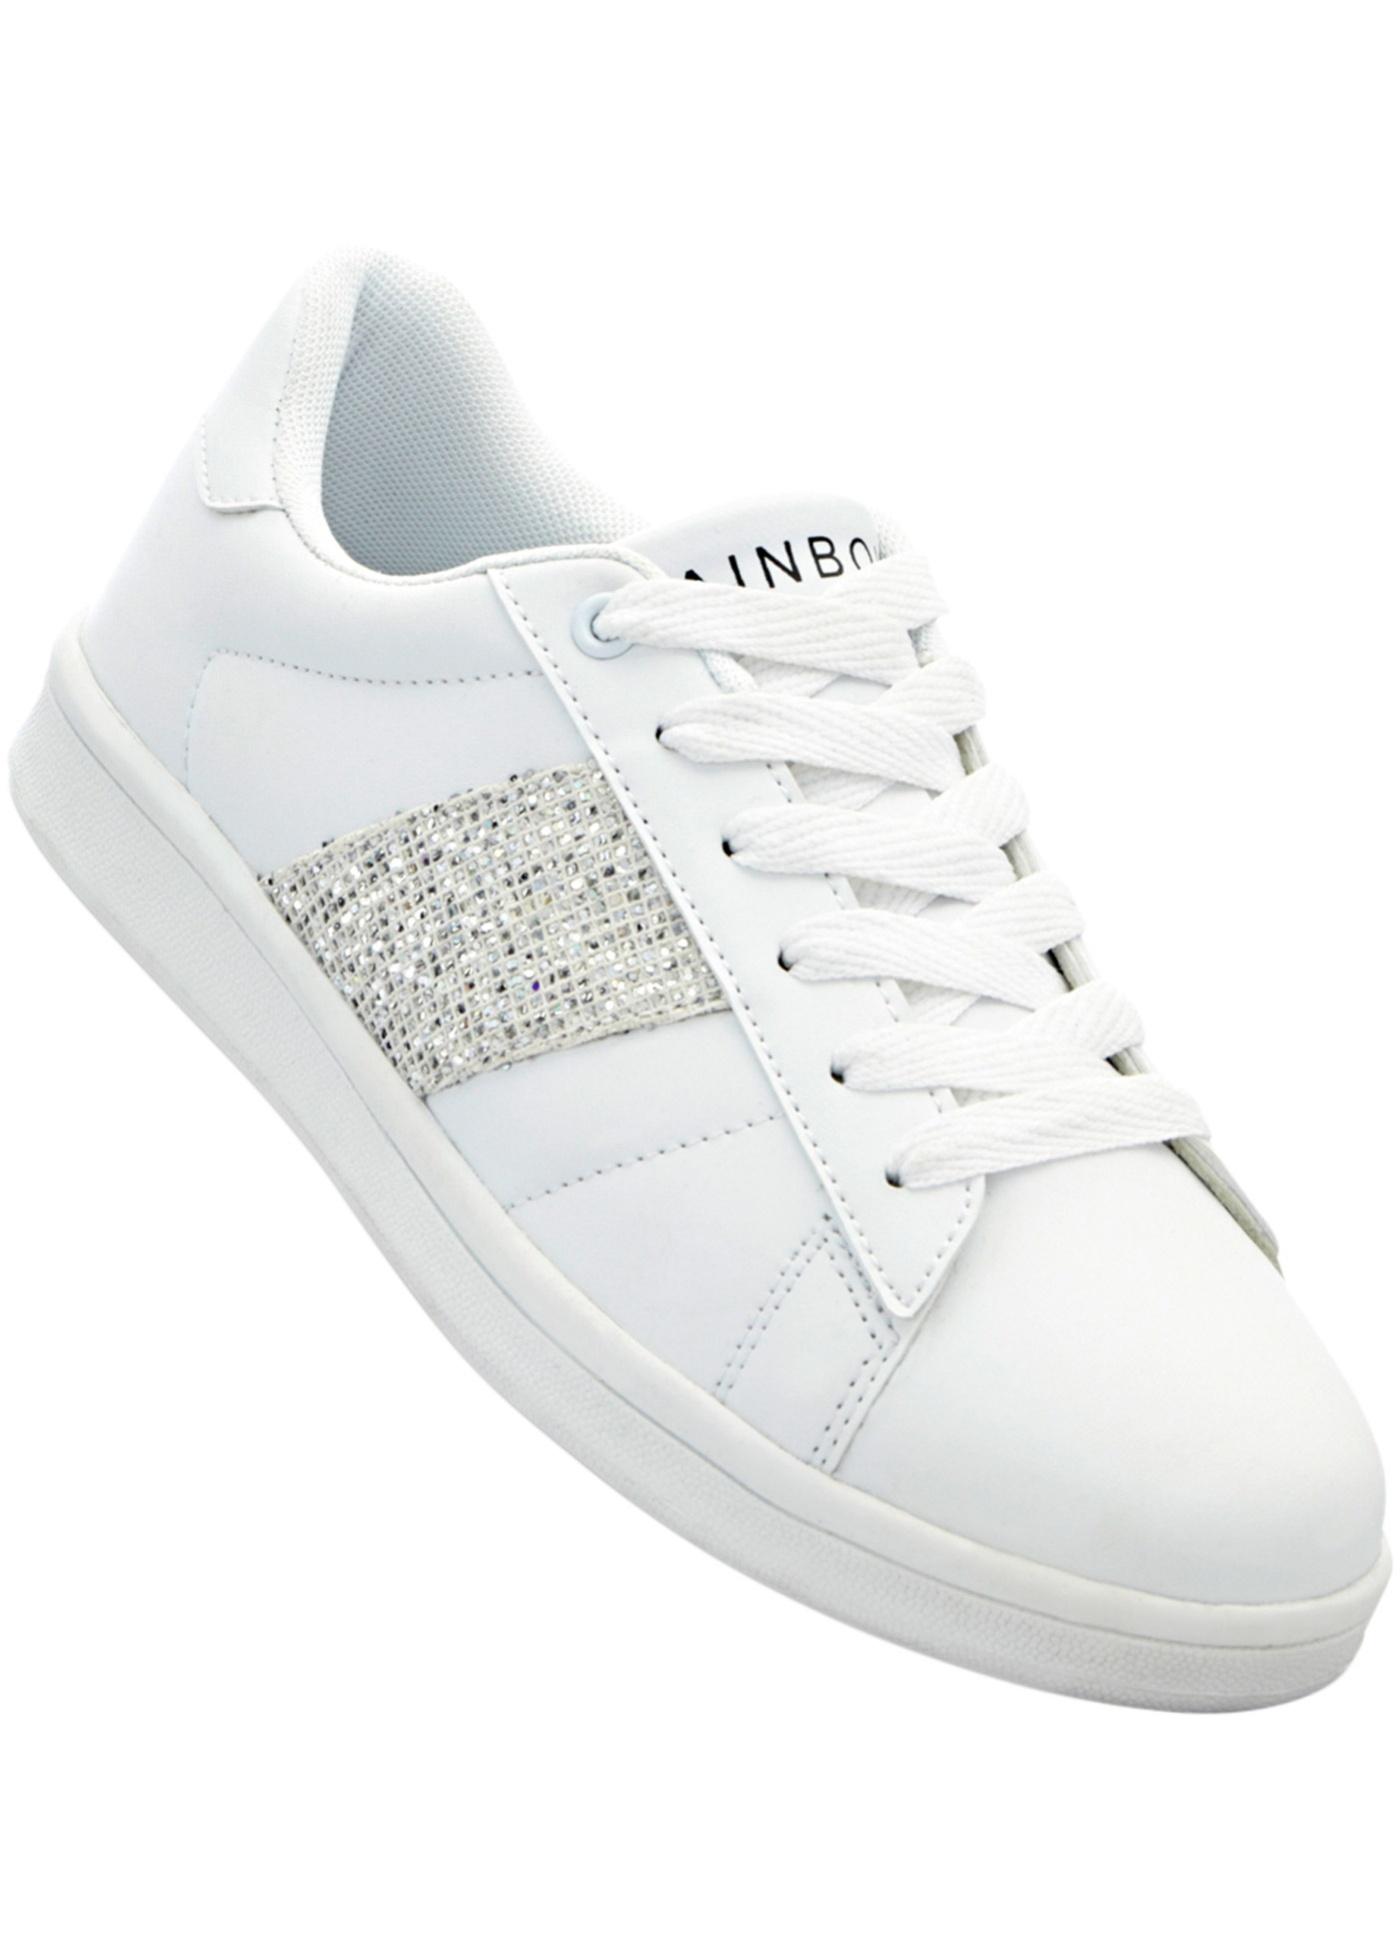 1285c0eedc6 Sportovní obuv - Bílá